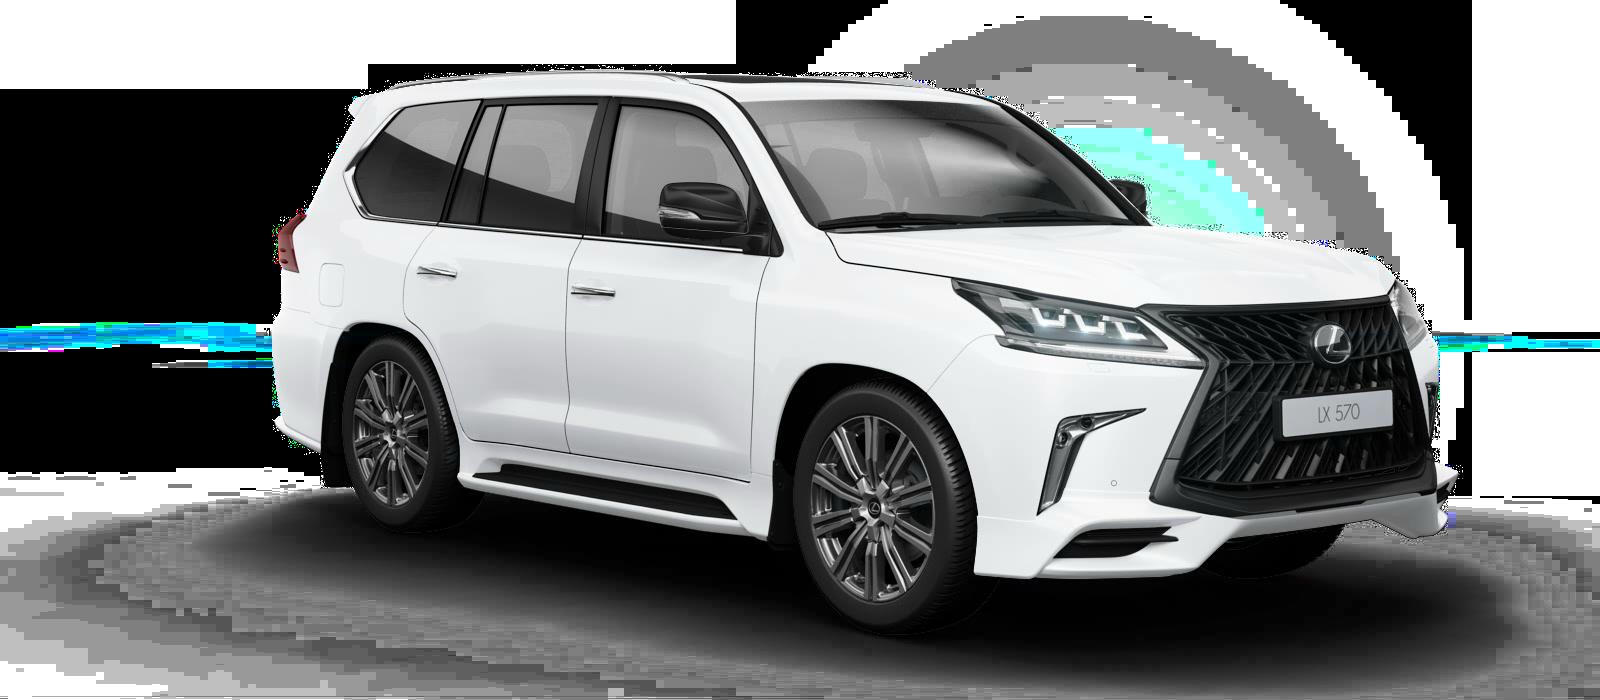 Lexus PNG Image Lexus, Luxury cars, Premium cars